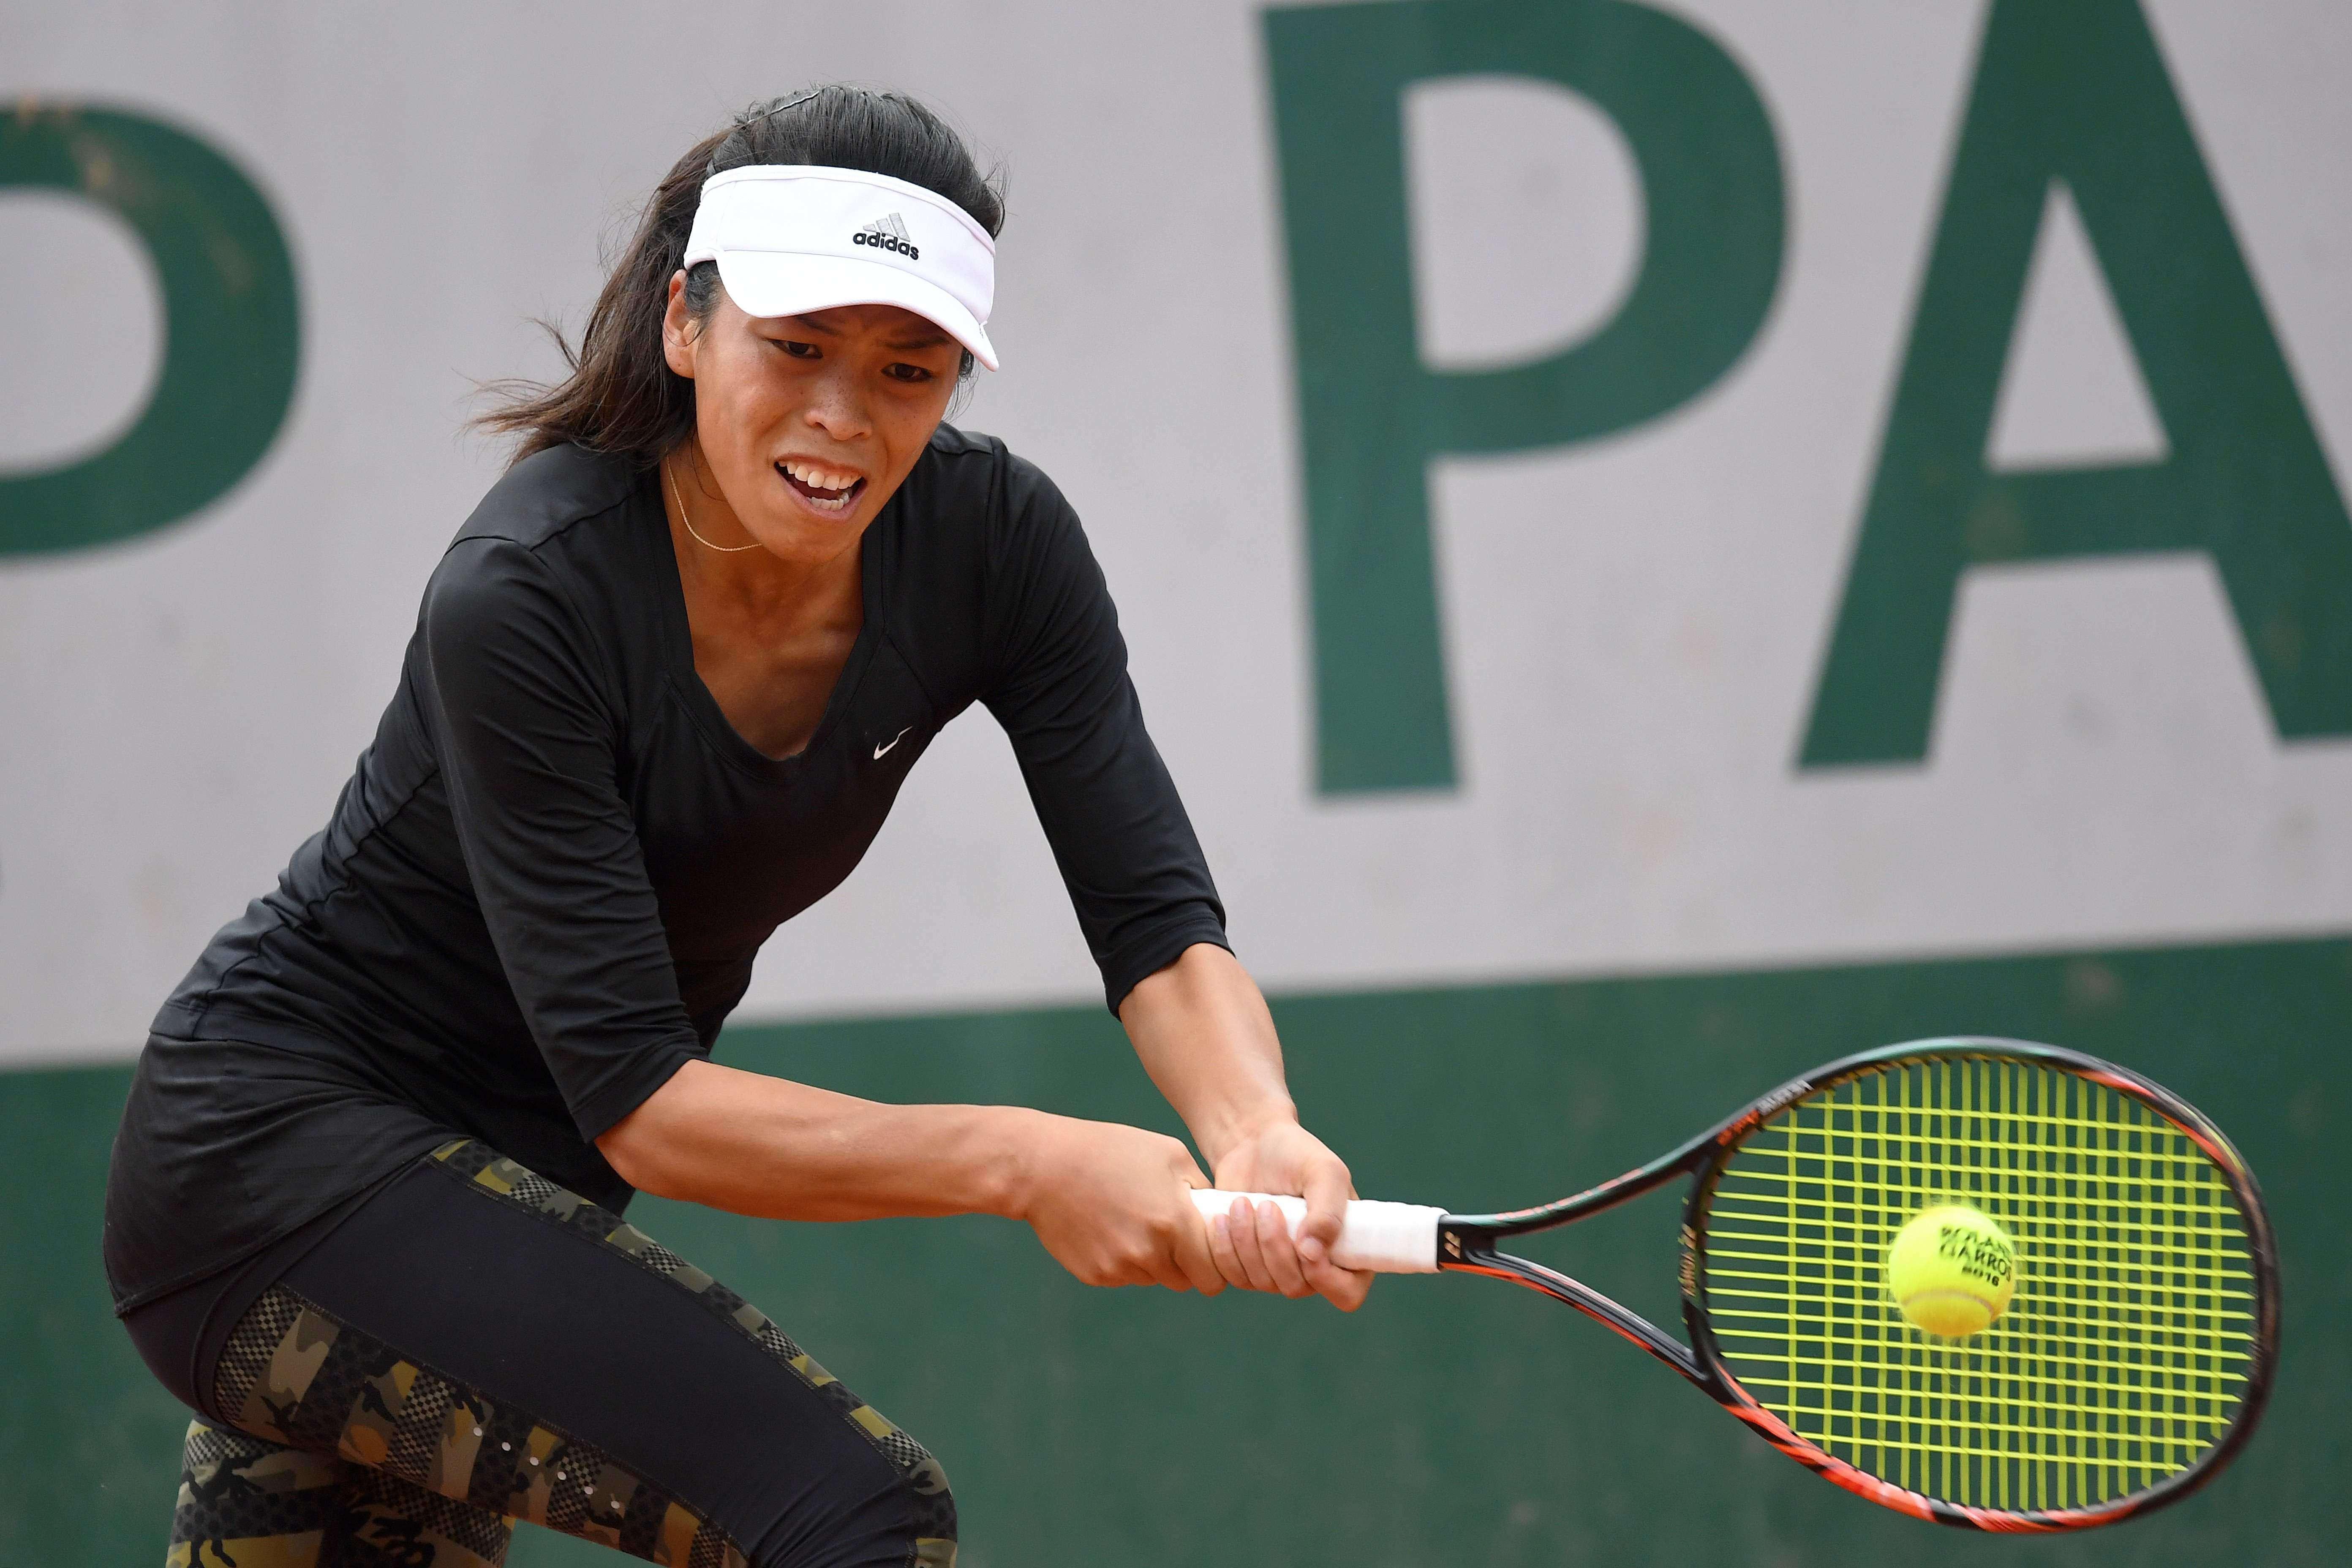 La Taïwanaise Su-Wei Hsieh, 83e mondiale, a été accrochée par l'EspagnoleLara Arruabarrena (147e) mais s'est finalement qualifiée pour le second tour (7-6 (8/6), 6-3).